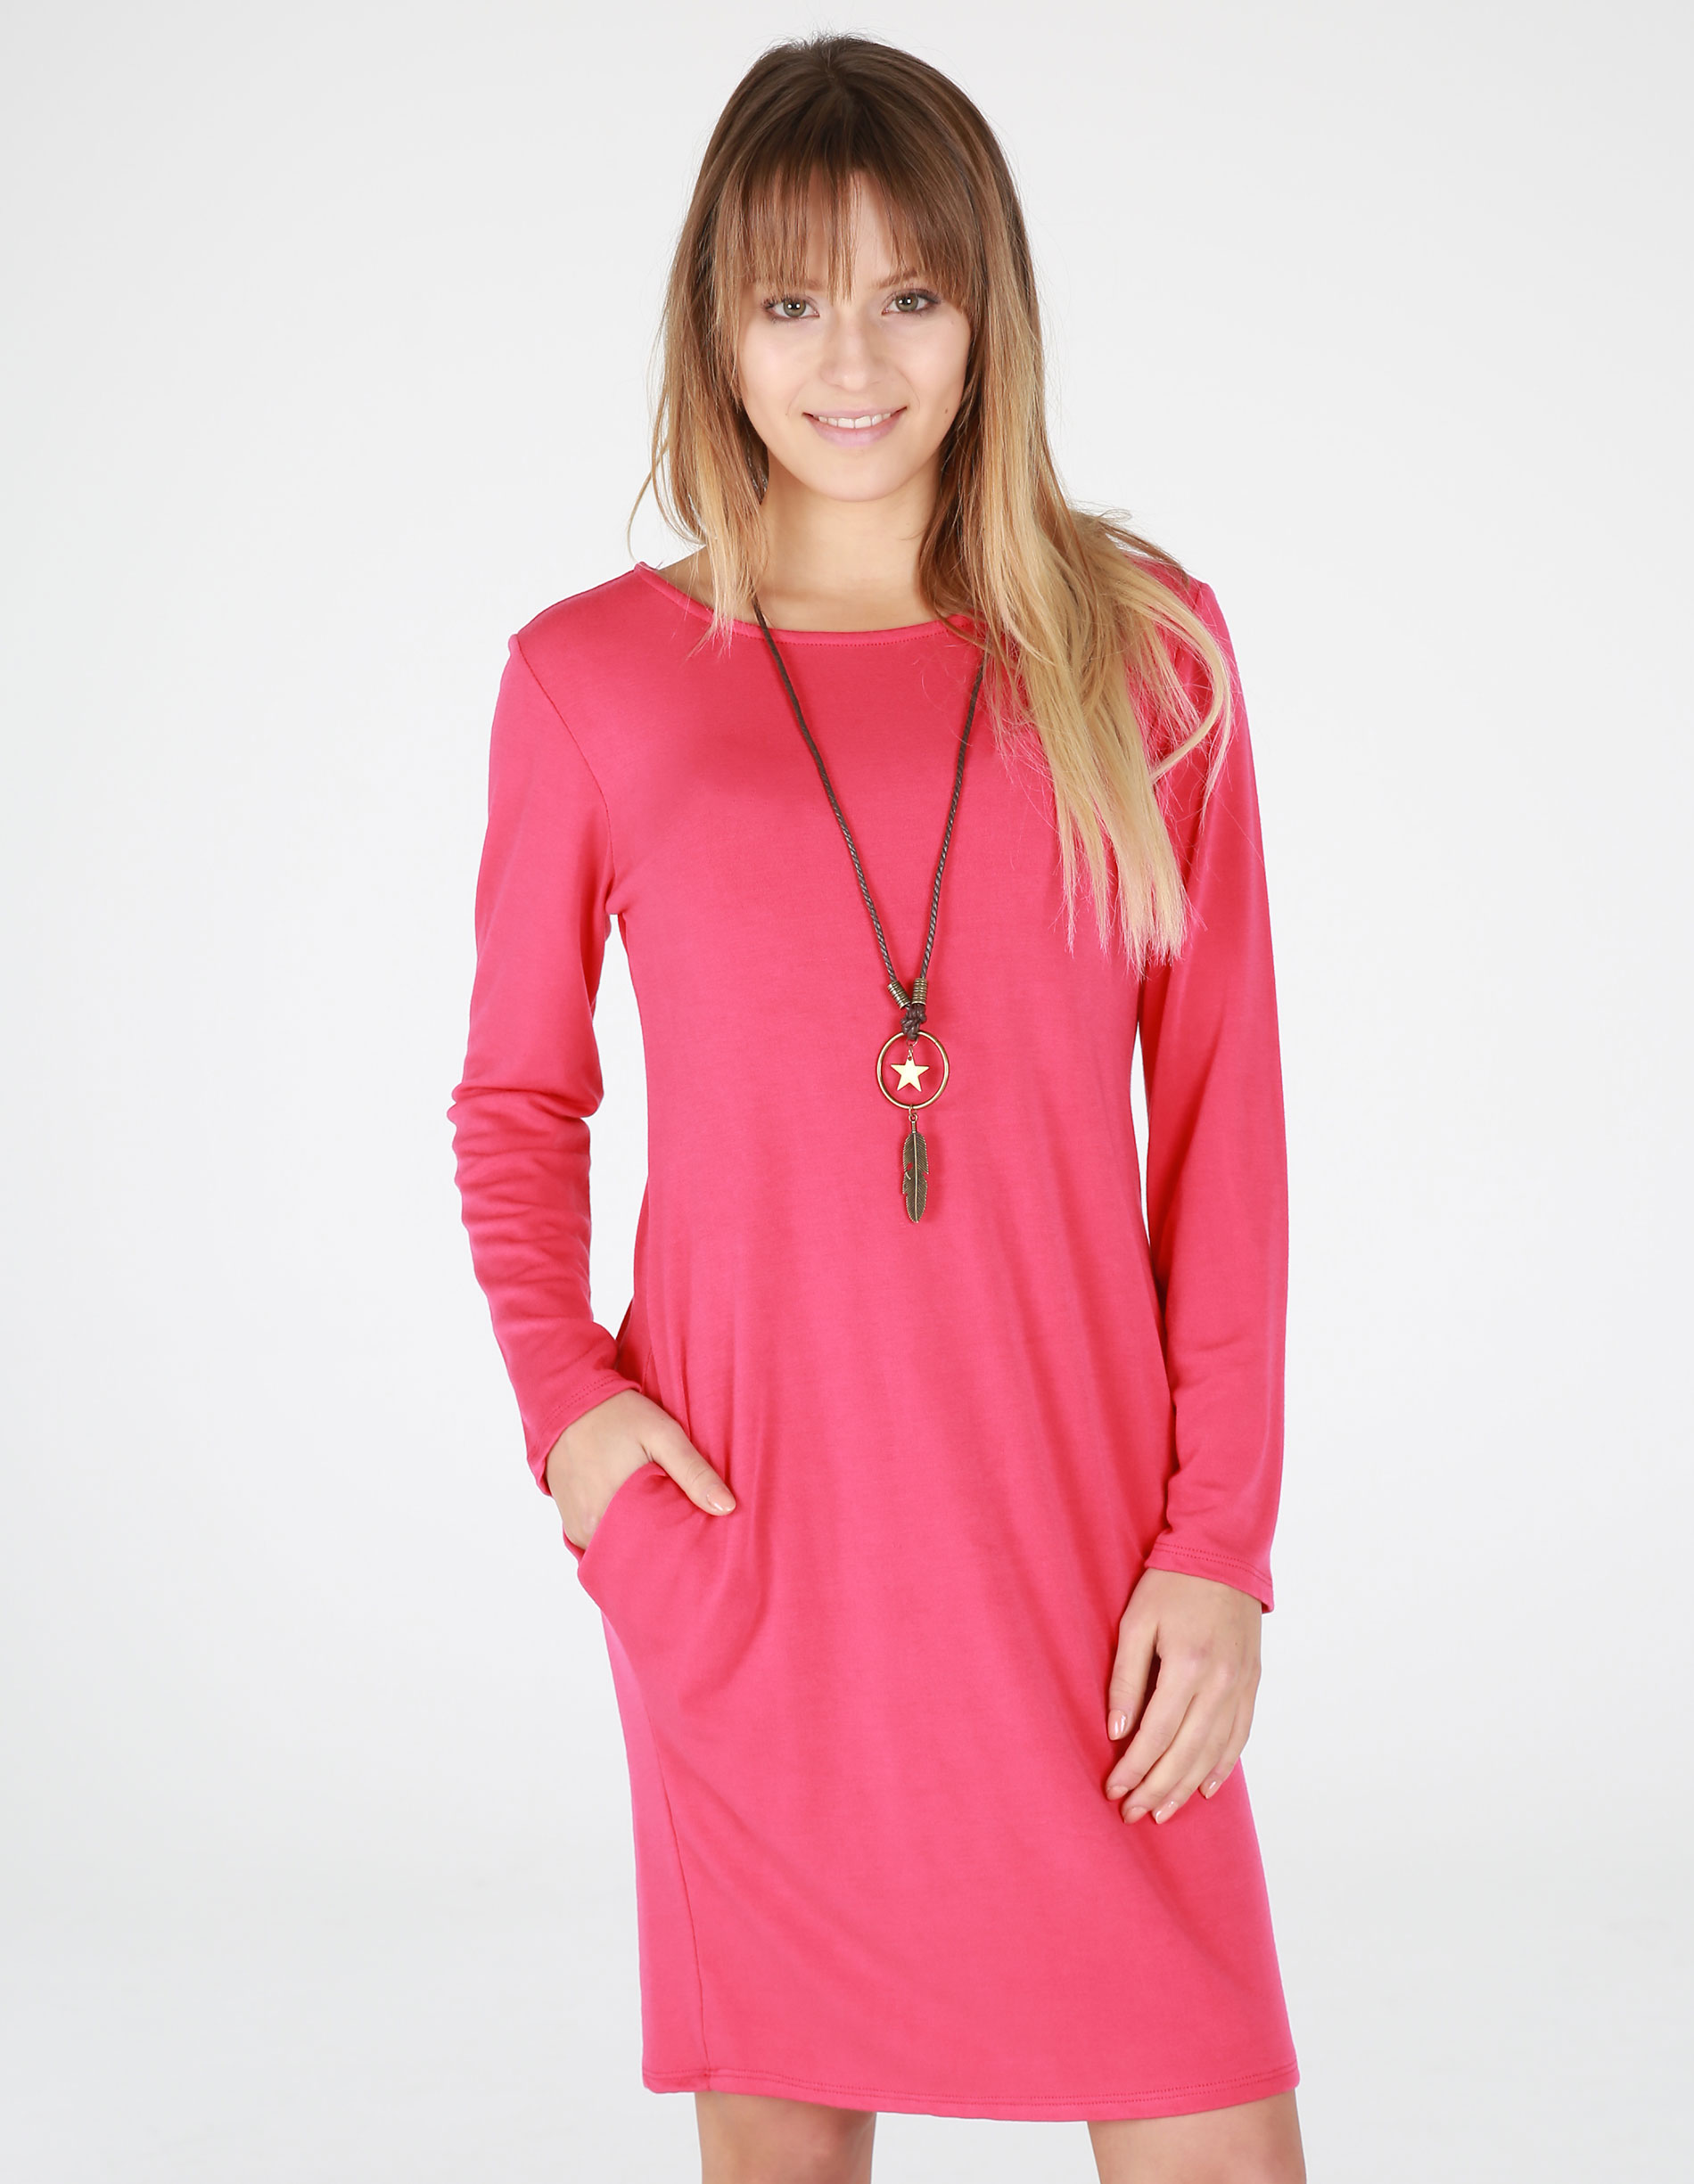 Sukienka - 53-826 FRAGOL - Unisono